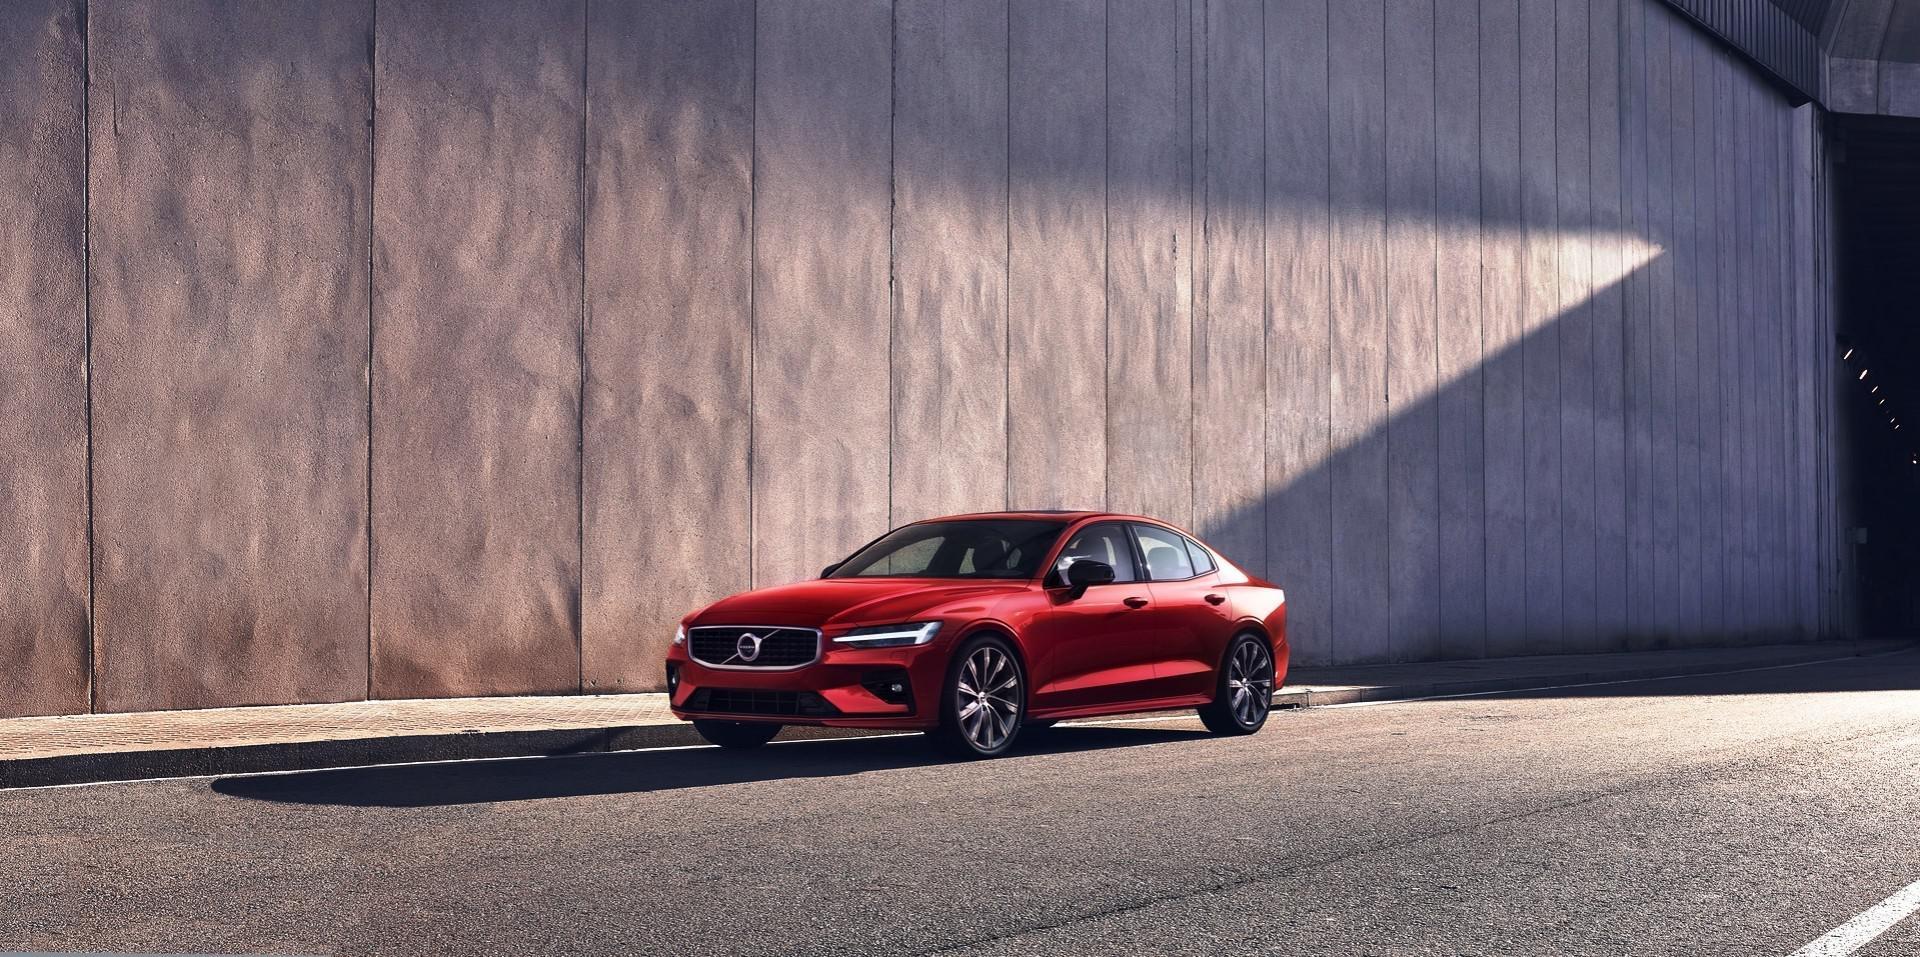 La Volvo S60 sacrée Voiture de l'année 2020 au Maroc